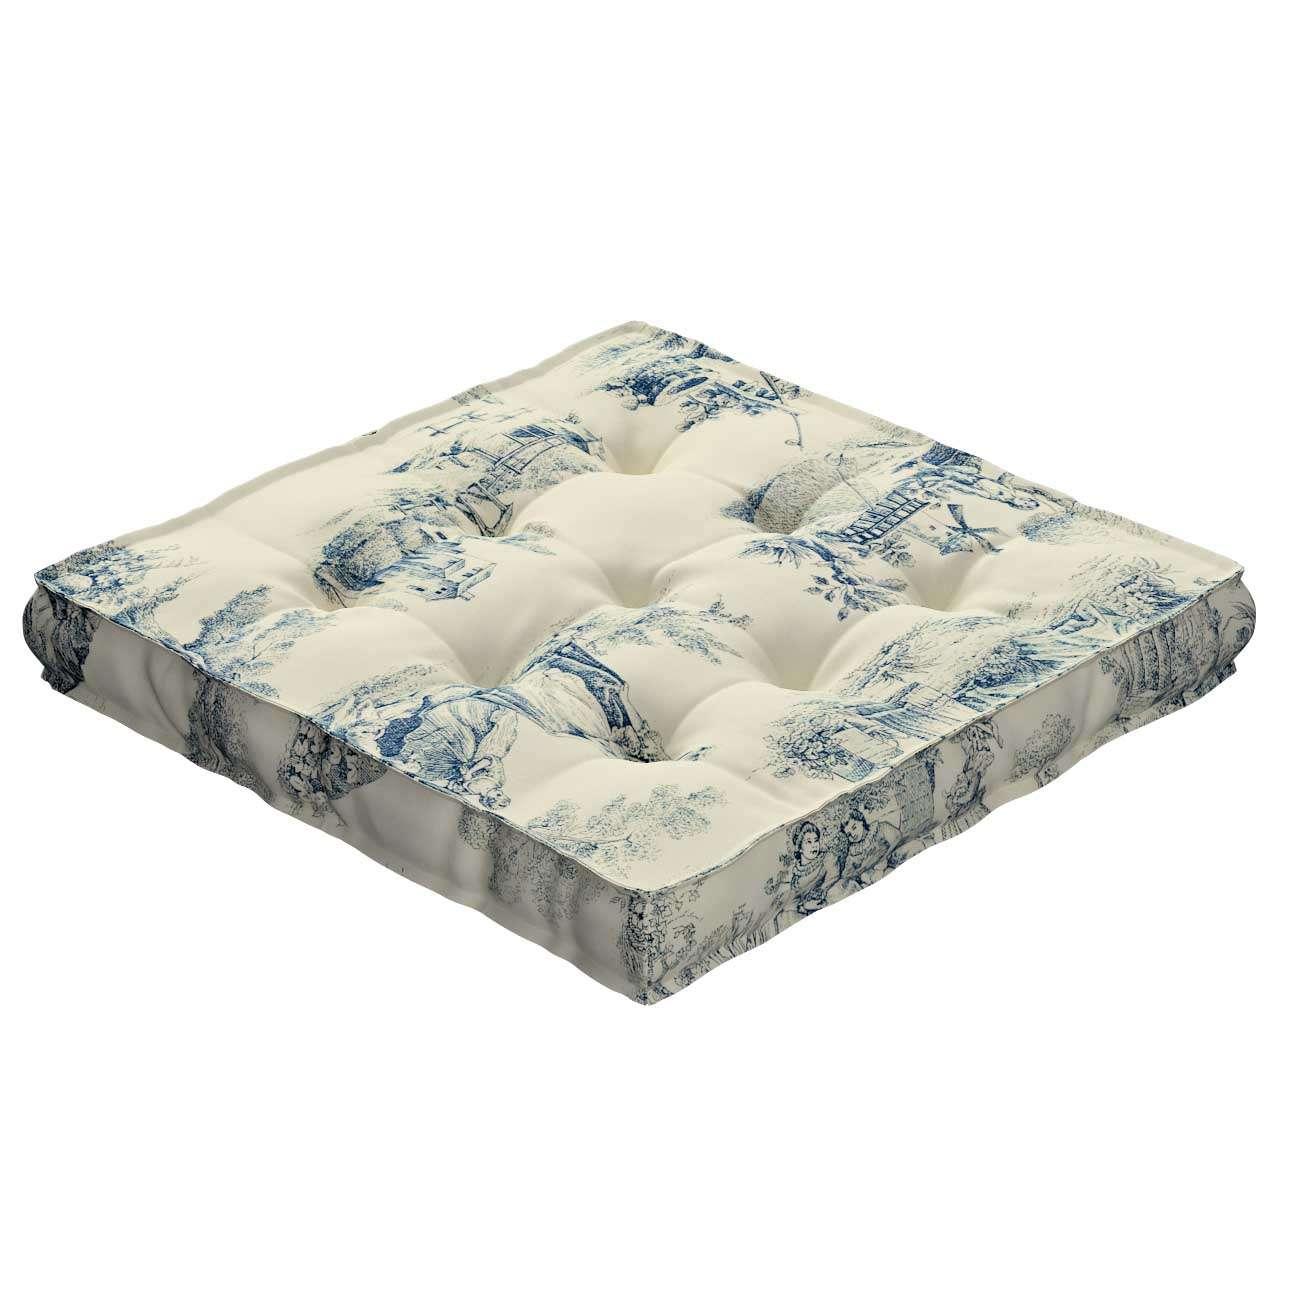 Pagalvėlė Kuba kėdei/ant grindų 40 x 40 x 6 cm kolekcijoje Avinon, audinys: 132-66